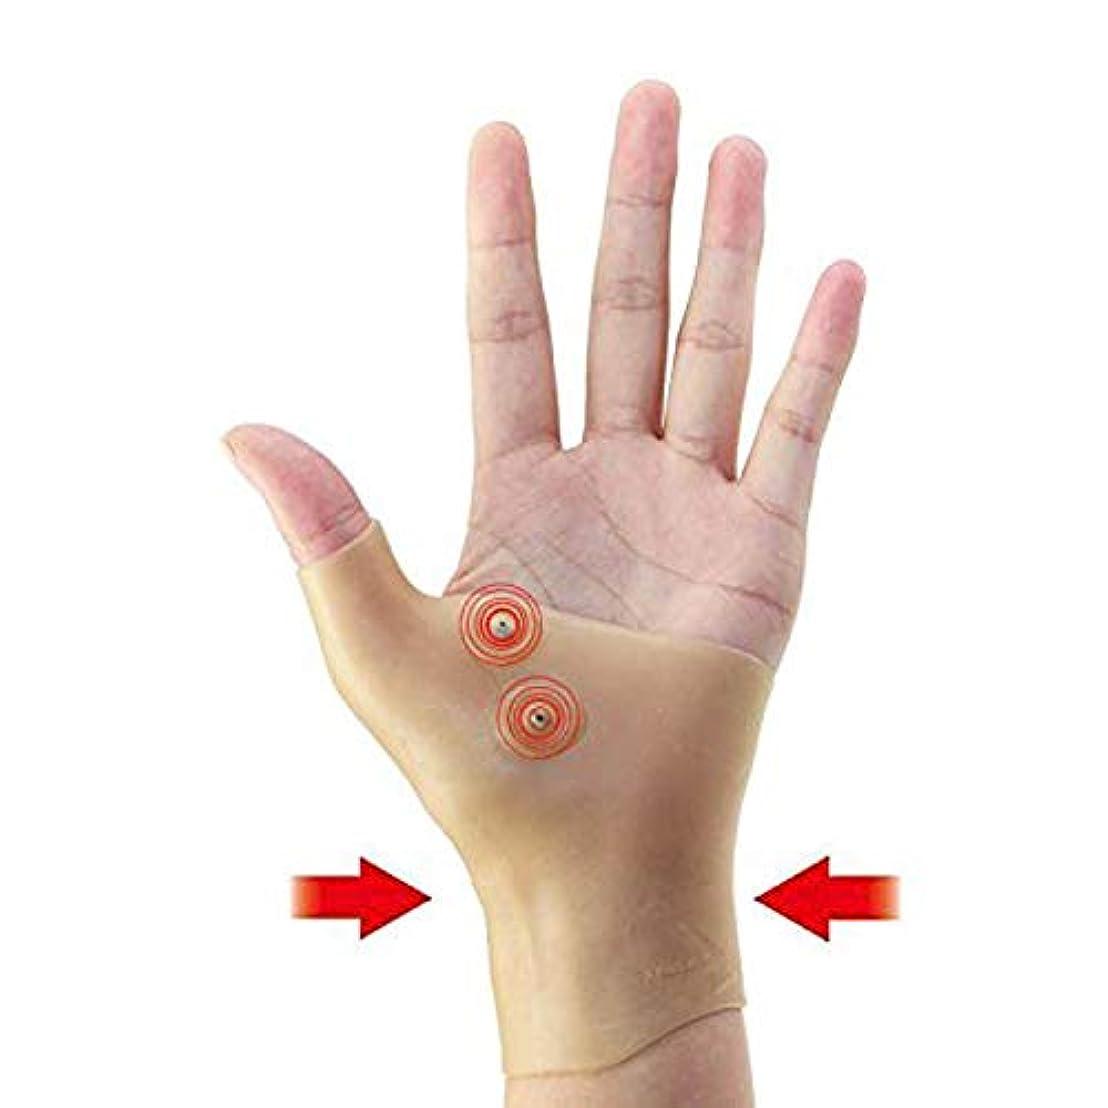 ぜいたく誓うタブレット磁気 圧縮手袋 - Delaman 指なし 手袋、健康手袋、圧着効果、疲労減少、健康関節、磁気療法、手首サポーター、ユニセックス